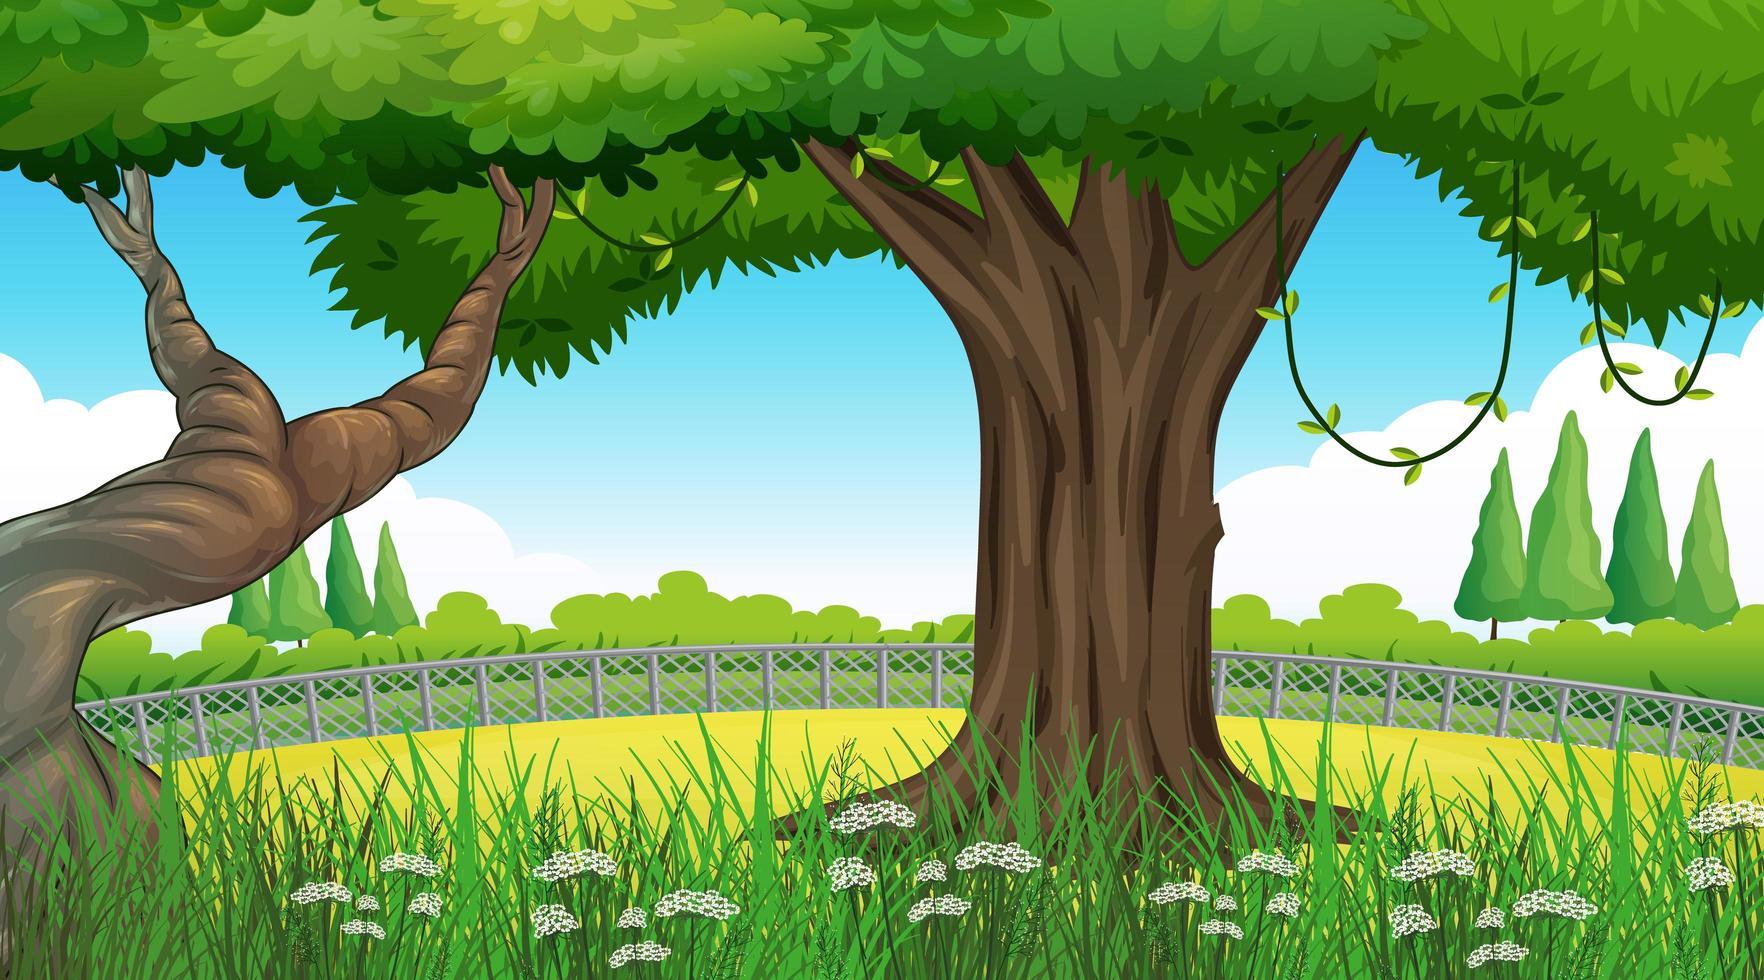 paisaje de naturaleza de fondo vacío con árboles vector